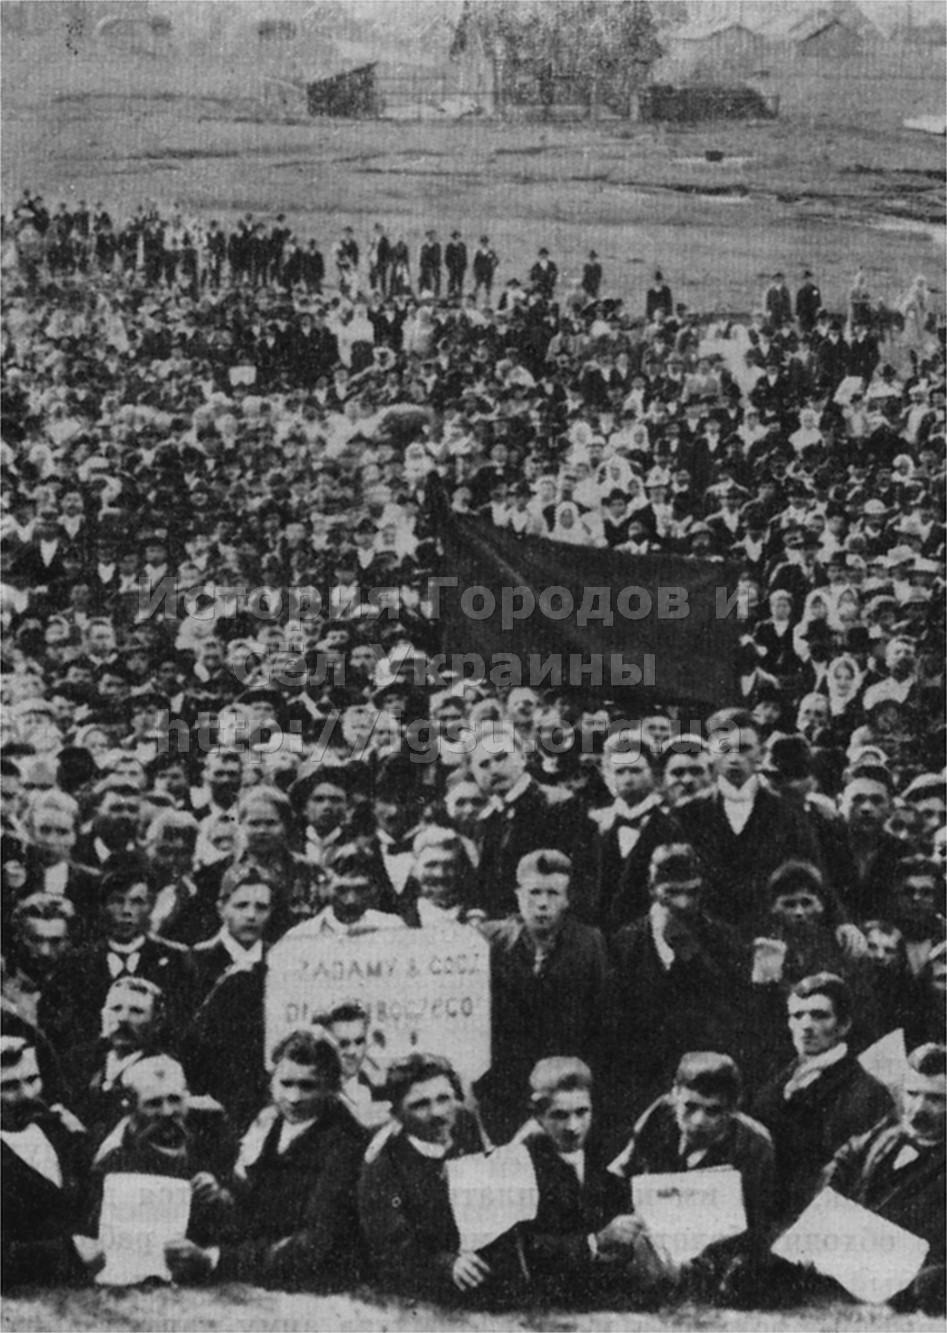 Митинг бастующих нефтяников Борислава в 1904 году.